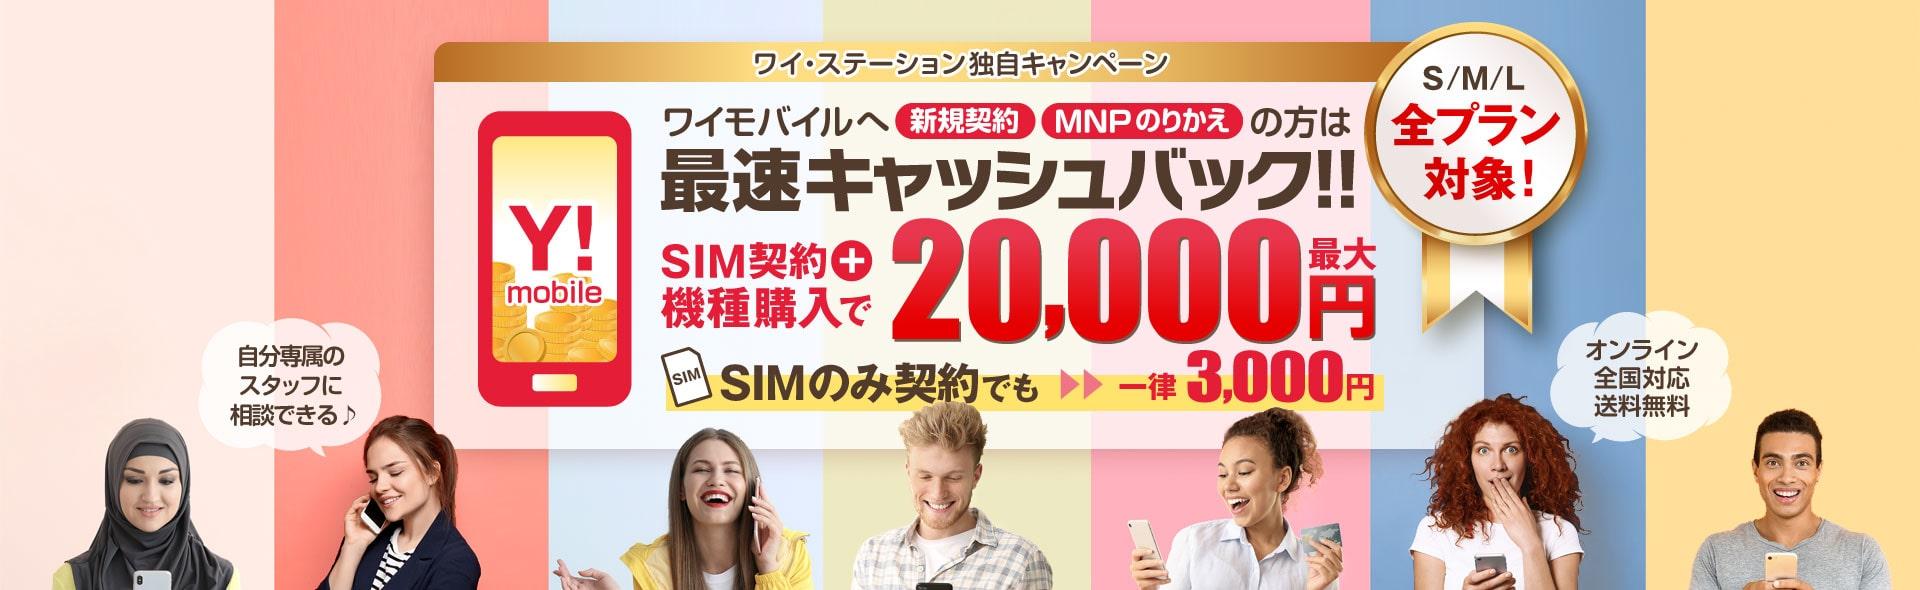 当店独自キャンペーン。ワイモバイルへ新規契約・MNPの方は最速キャッシュバック20,000円(最大)。S/M/R全プラン対象!